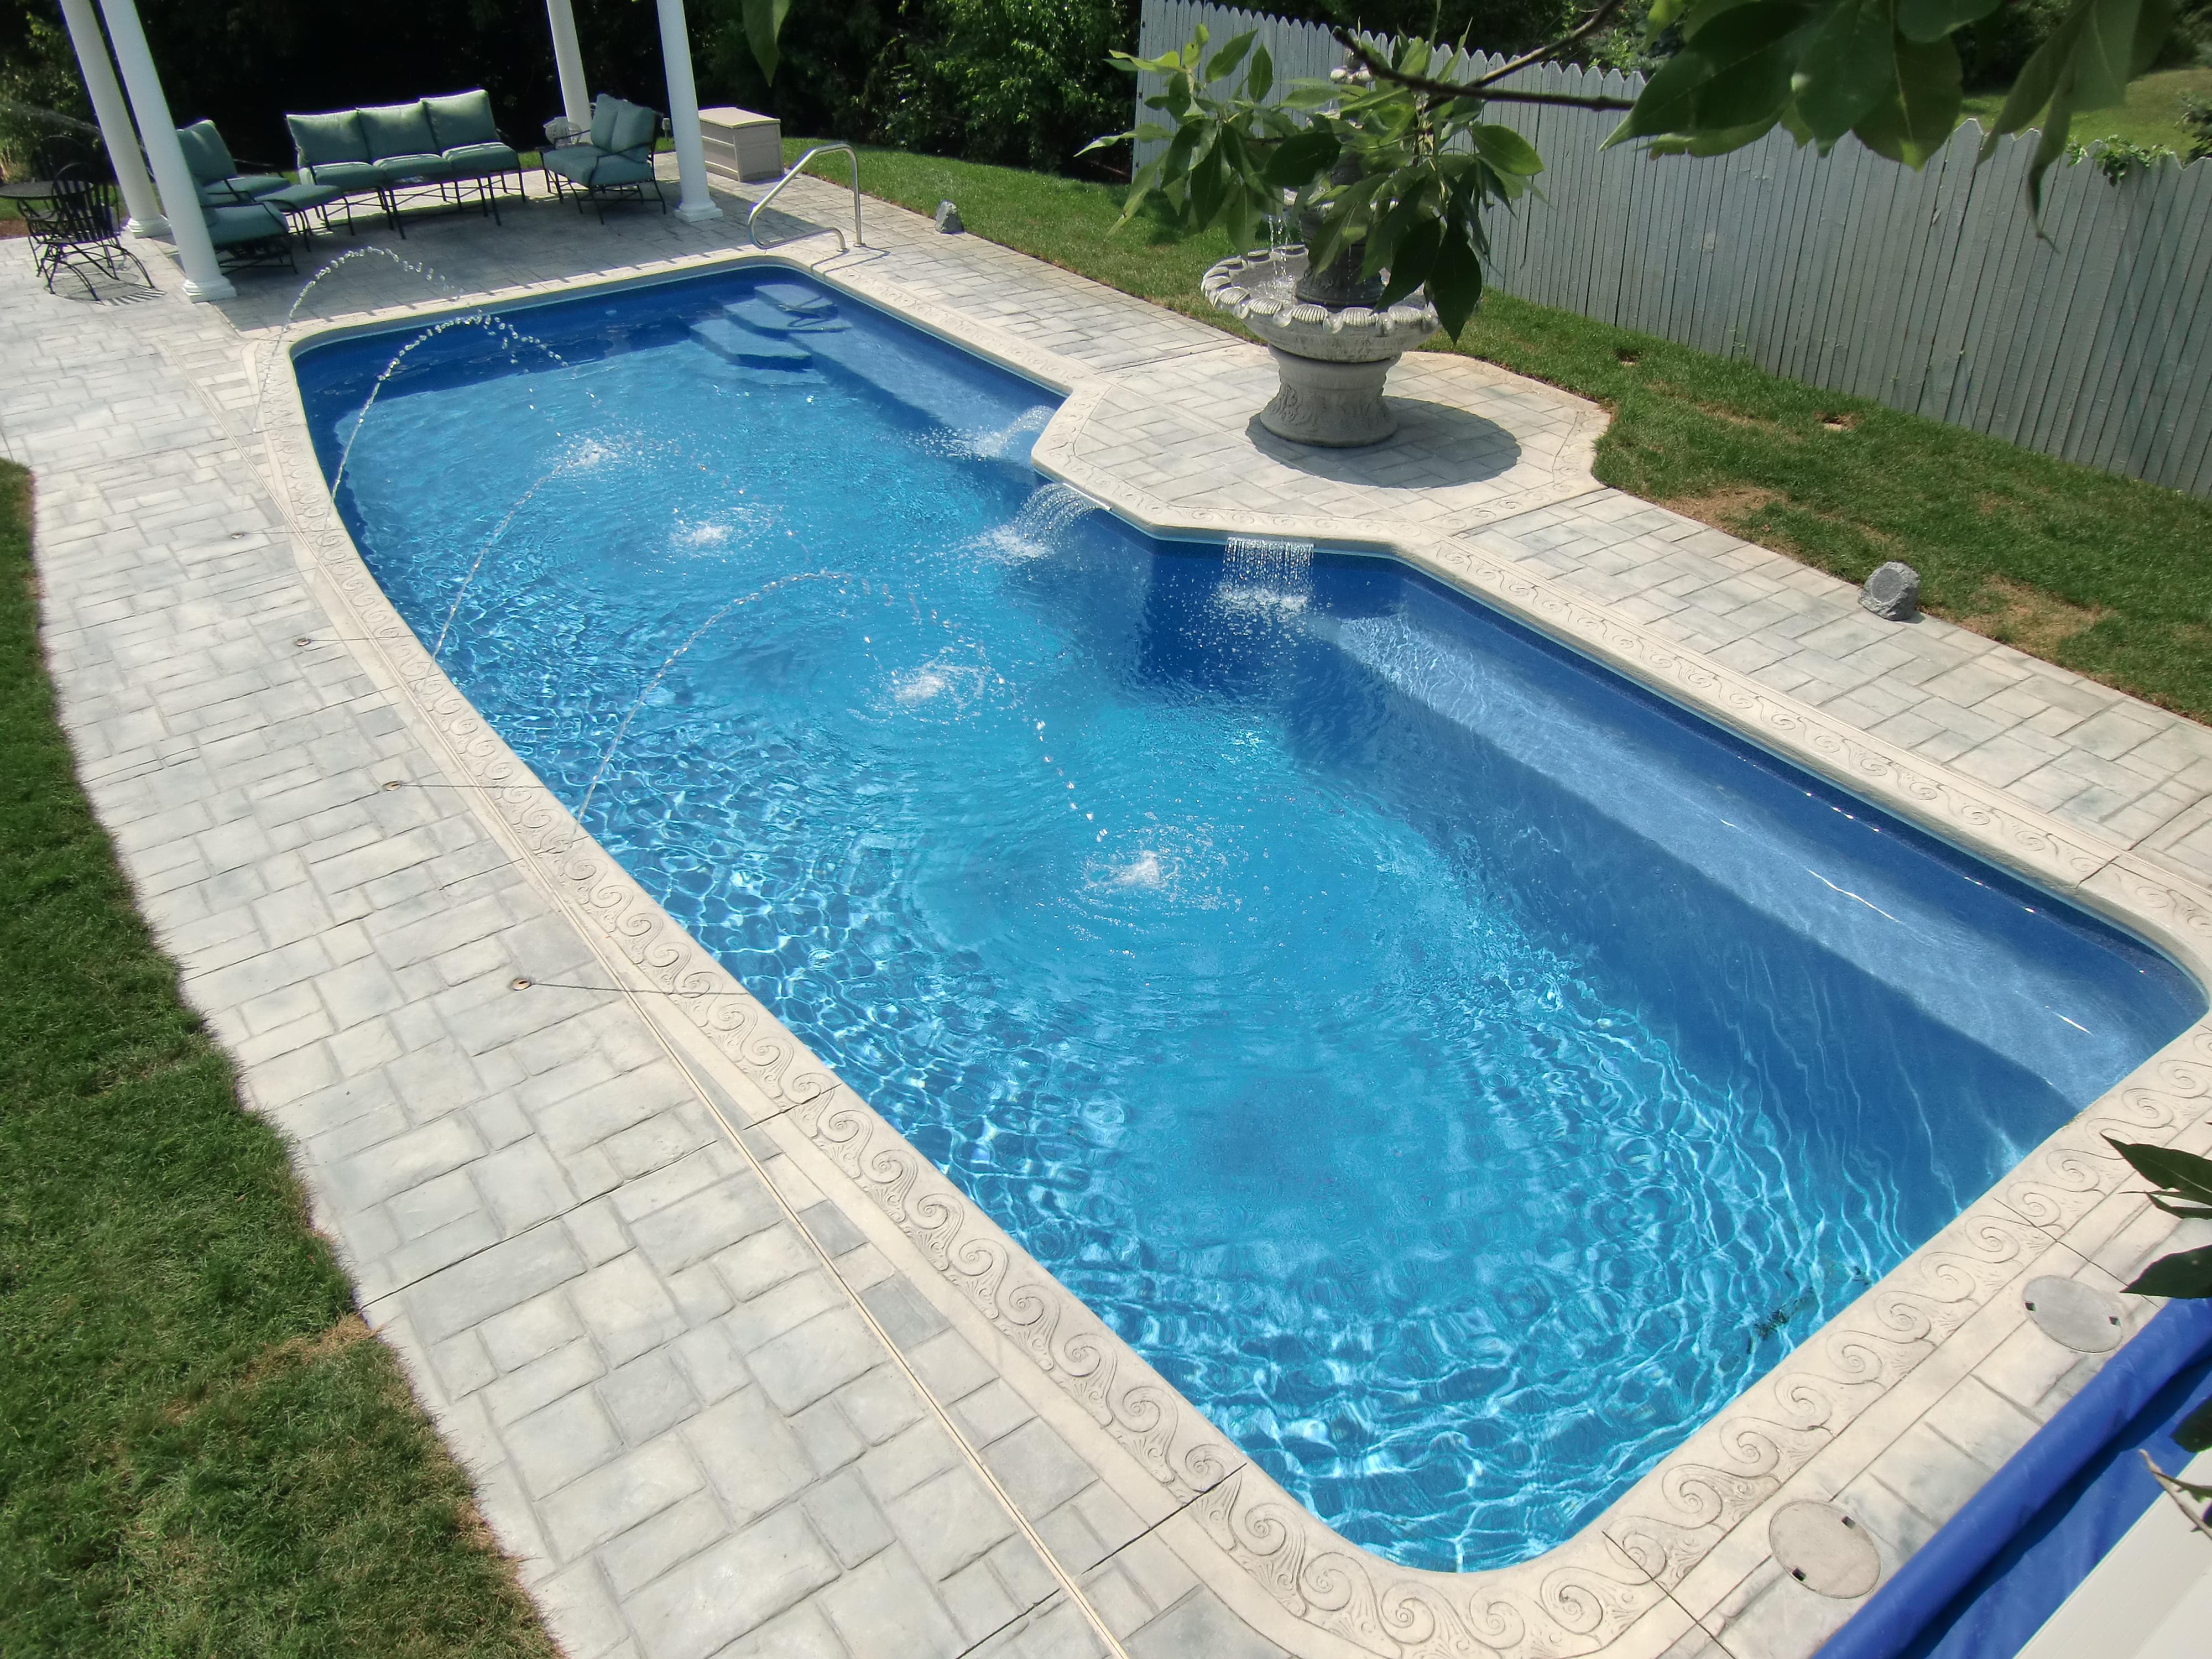 Inground Pool. Indiana Fiberglass Swimming Pool Inground R